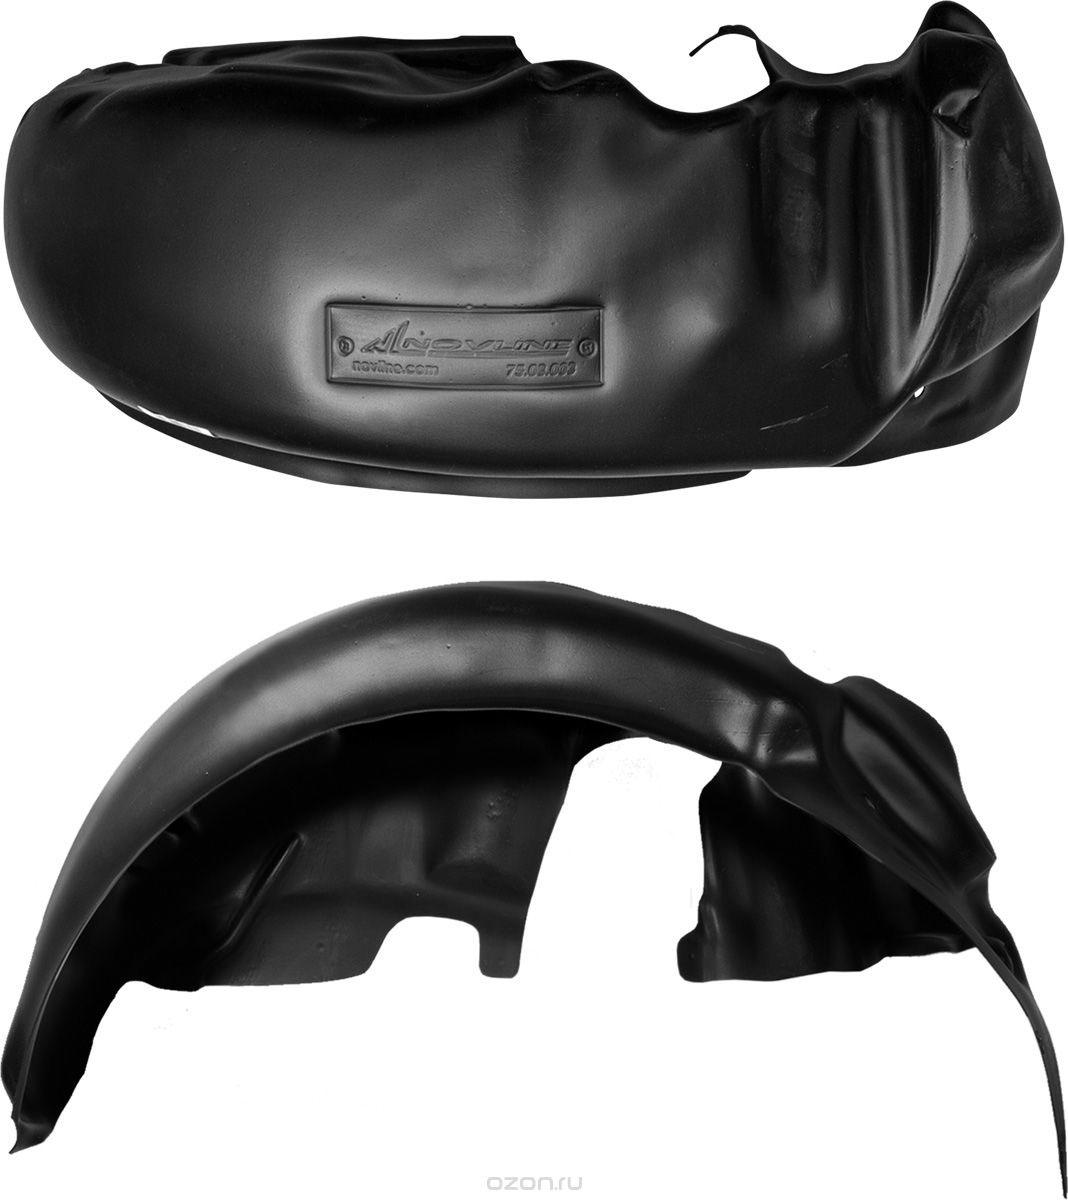 Подкрылок Novline-Autofamily, для Peugeot Boxer, 2006-2014, 2014->, без/с расширителями арок, задний правыйNLL.38.18.004Идеальная защита колесной ниши. Локеры разработаны с применением цифровых технологий, гарантируют максимальную повторяемость поверхности арки. Изделия устанавливаются без нарушения лакокрасочного покрытия автомобиля, каждый подкрылок комплектуется крепежом. Уважаемые клиенты, обращаем ваше внимание, что фотографии на подкрылки универсальные и не отражают реальную форму изделия. При этом само изделие идет точно под размер указанного автомобиля.